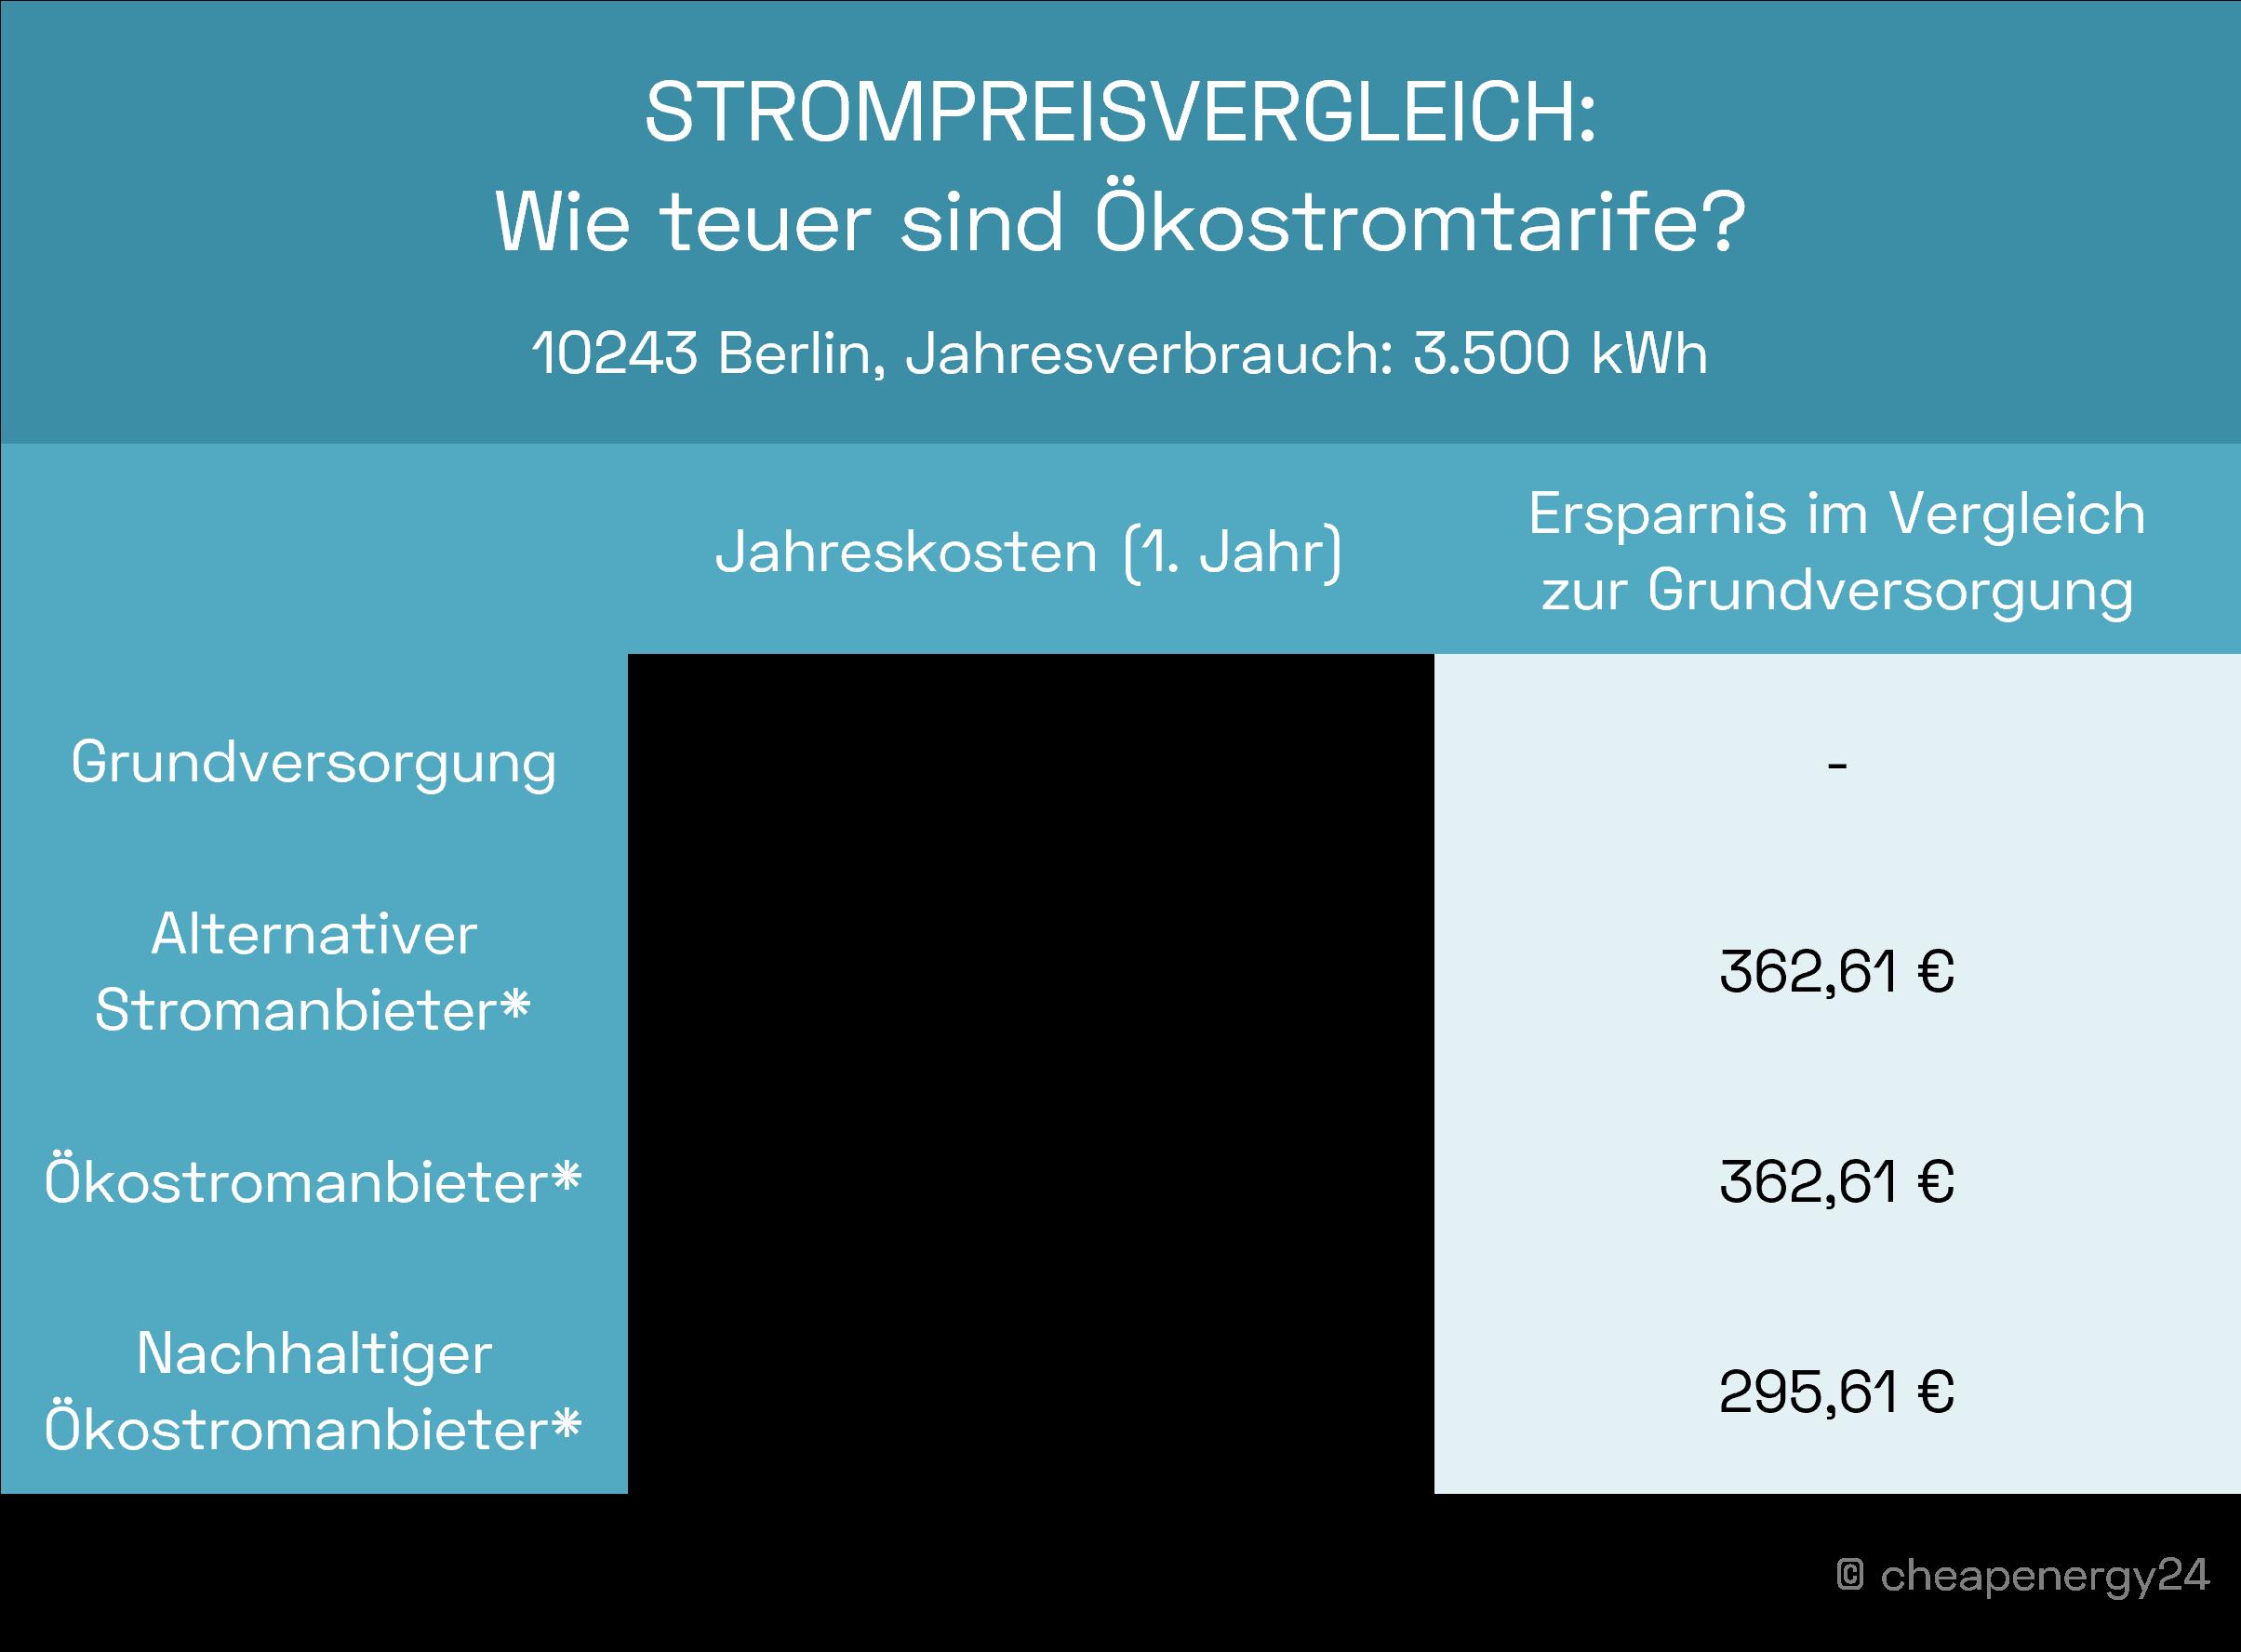 Strompreisvergleich Ökostrom vs. Grundversorgung in Berlin